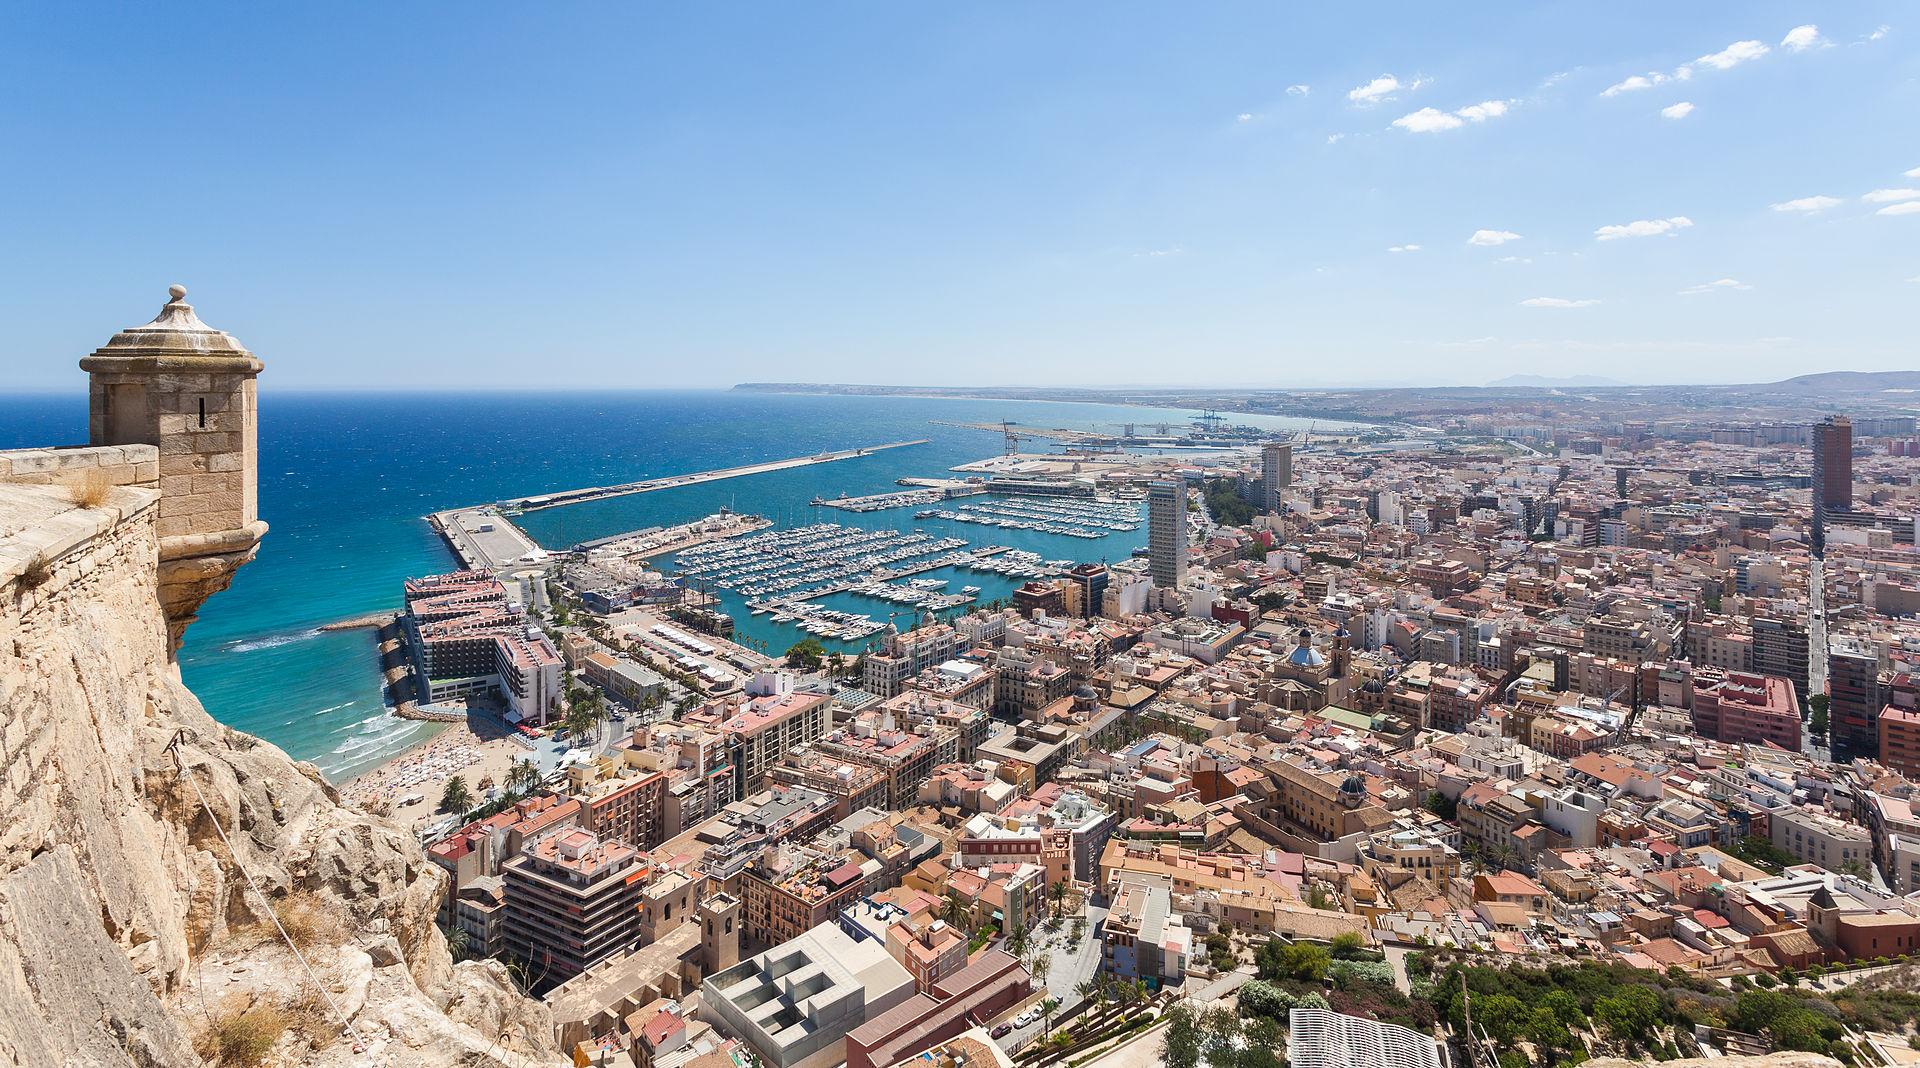 Kiinteistökauppa nyt vilkkainta Alicantessa ja Málagassa